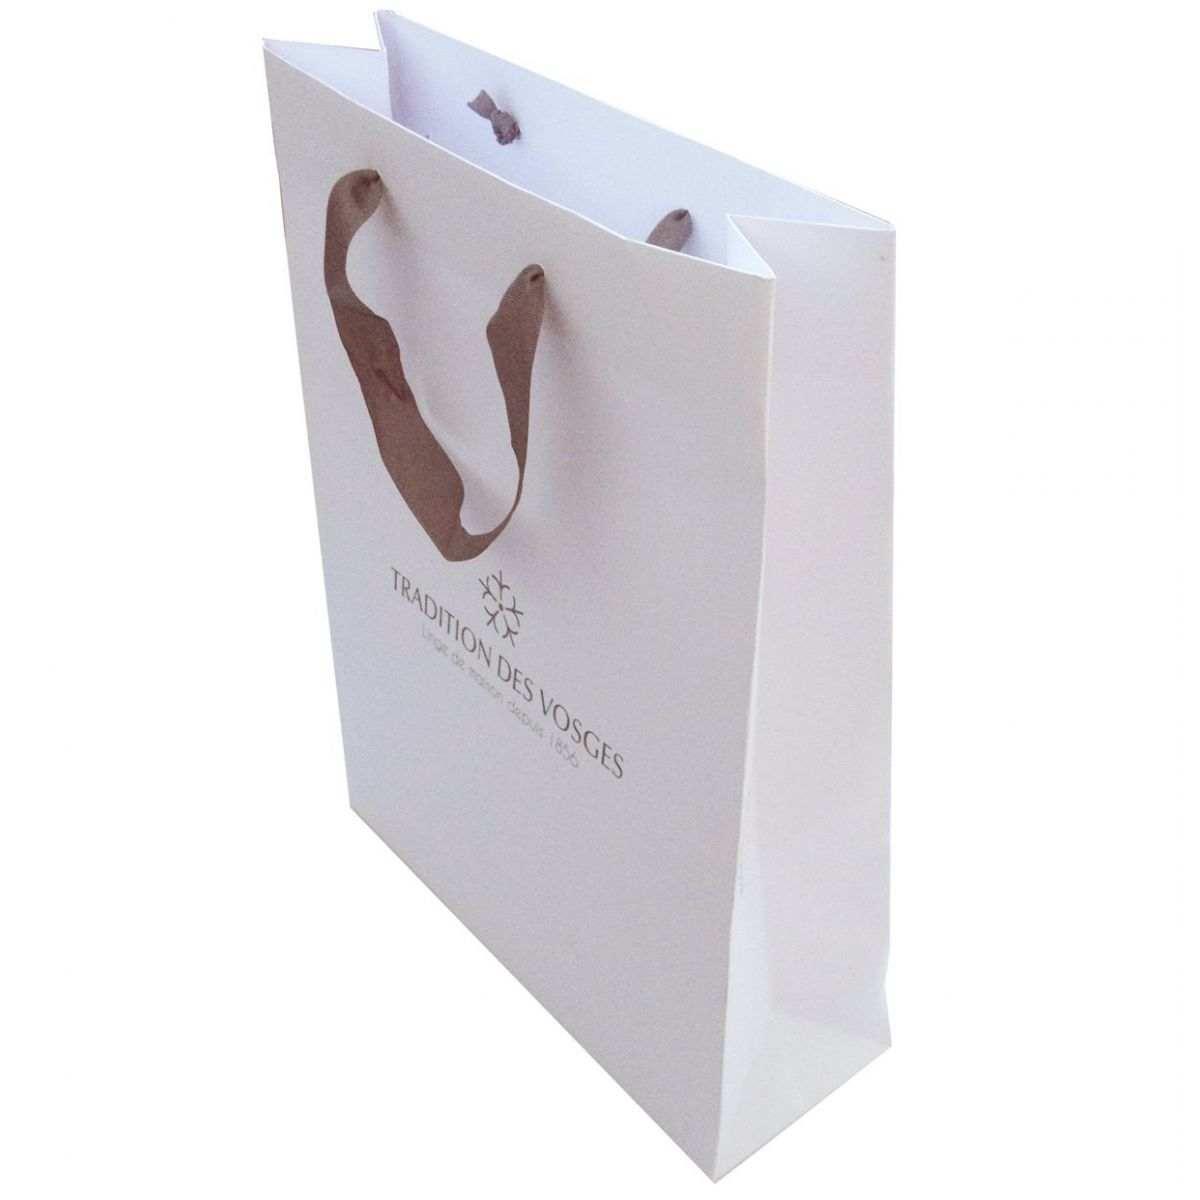 Sac cadeau Tradition des Vosges | Cadeau linge de lit | Tradition des Vosges